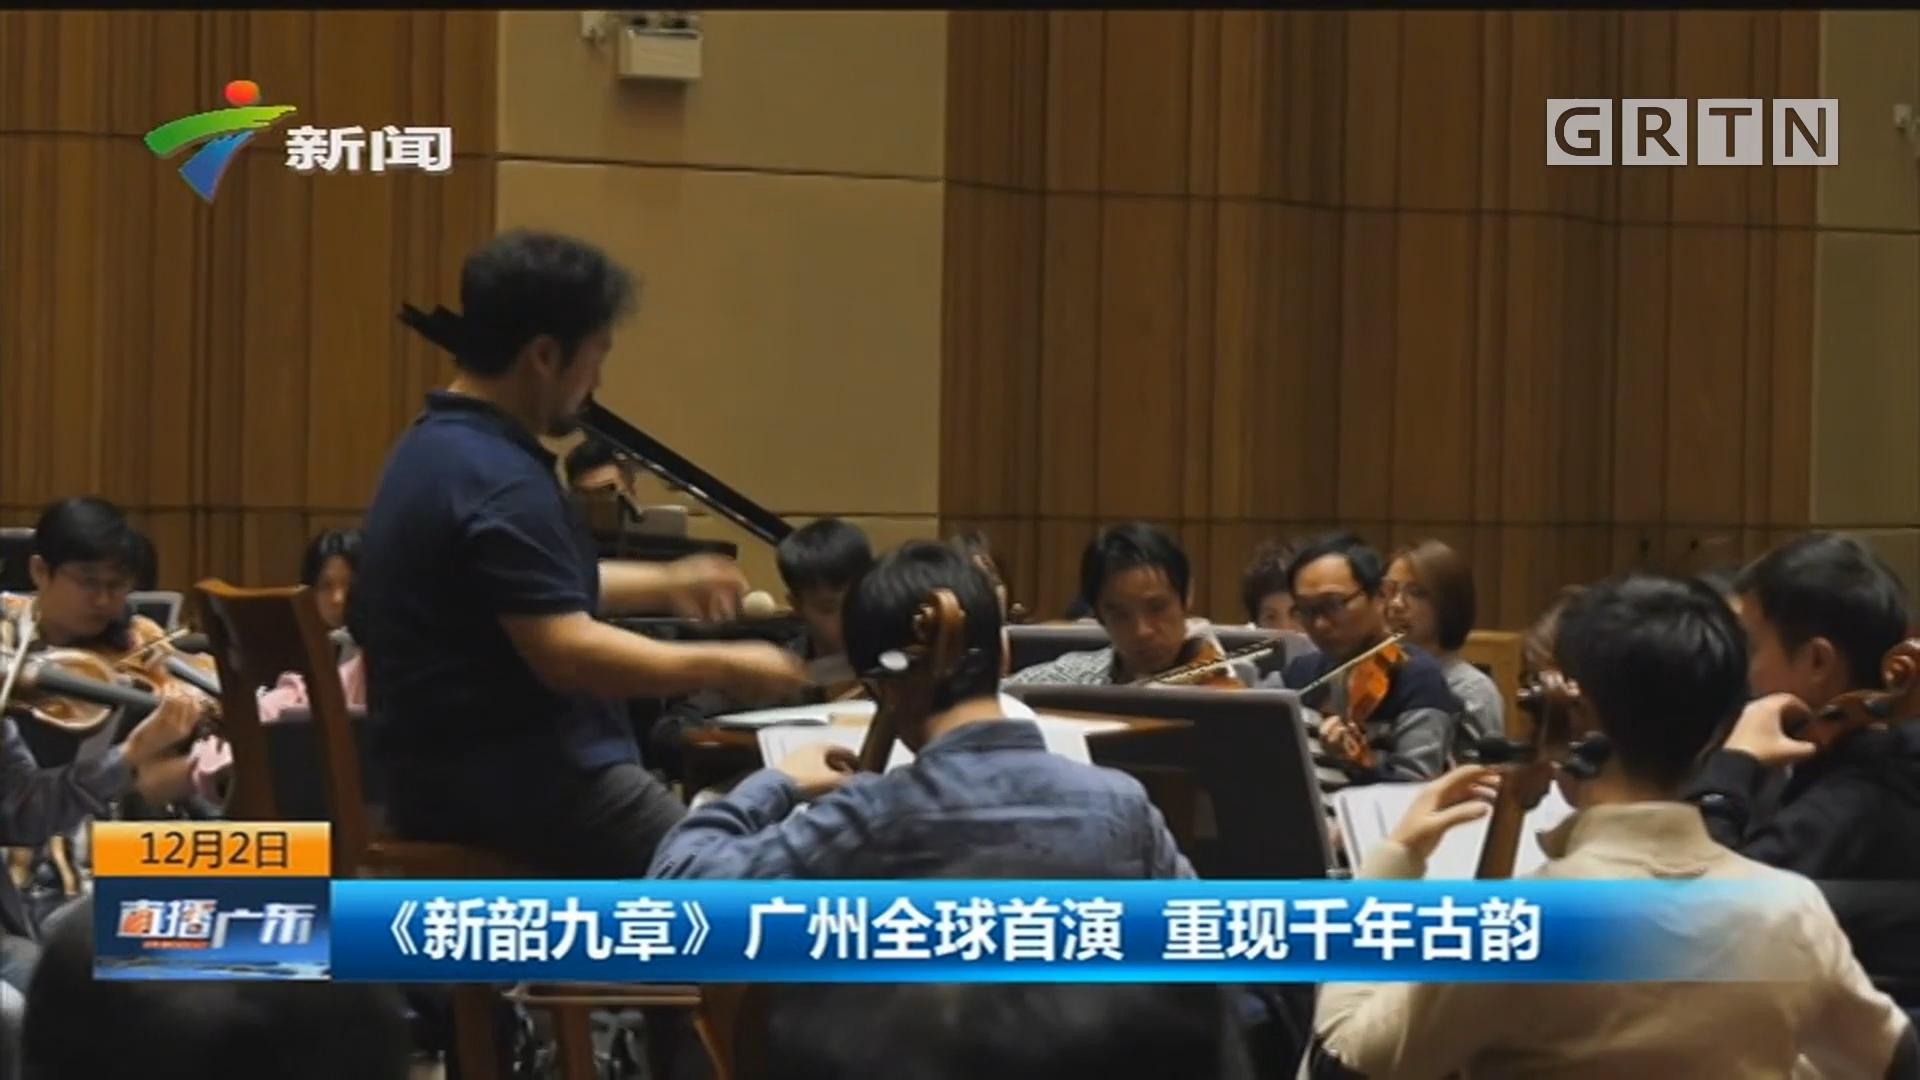 《新韶九章》广州全球首演 重现千年古韵